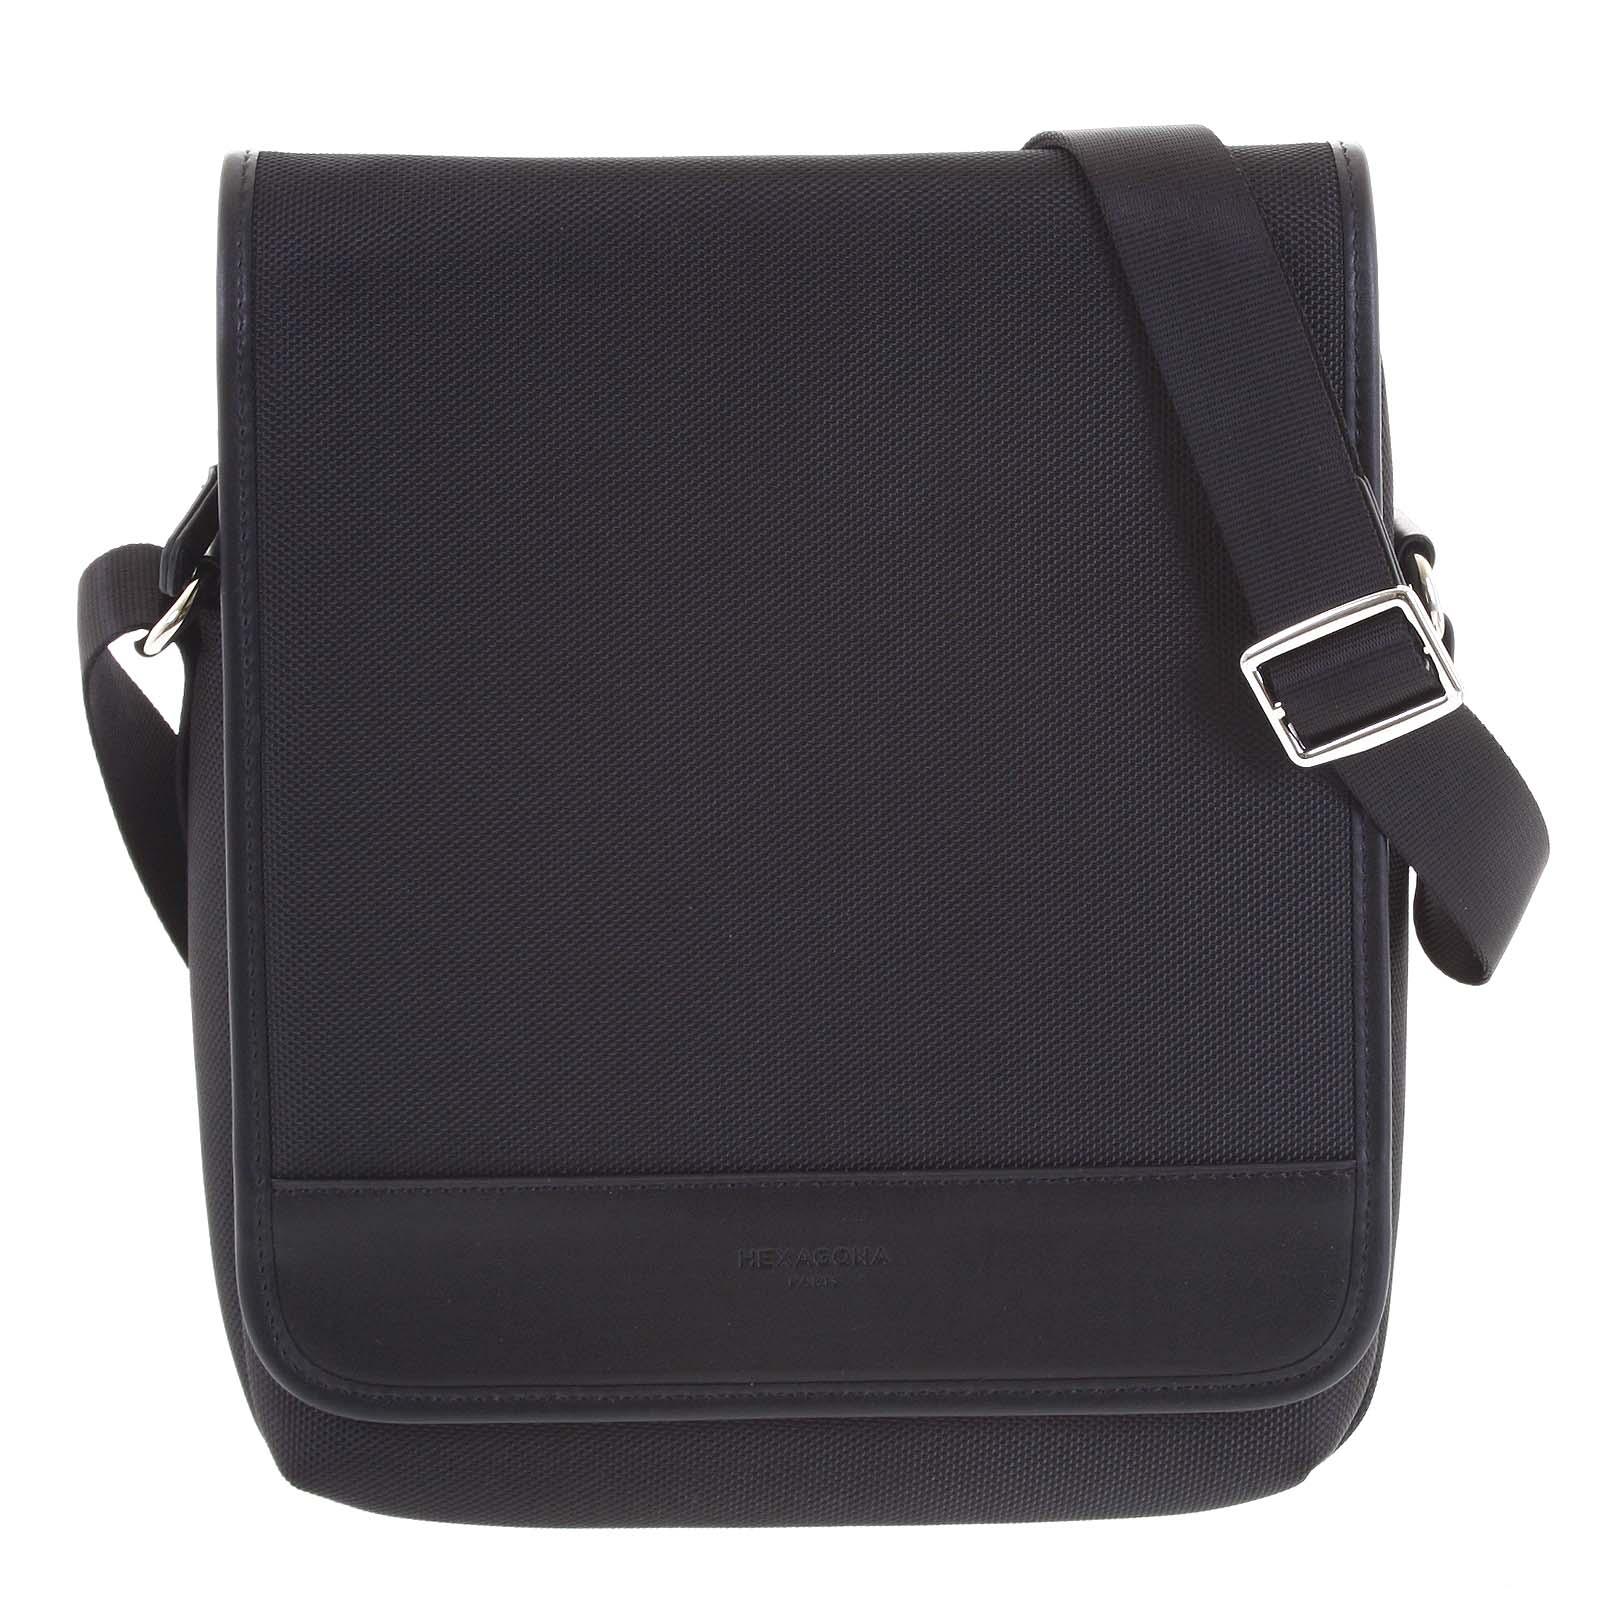 Pánska taška na doklady čierna - Hexagona Qualty čierna